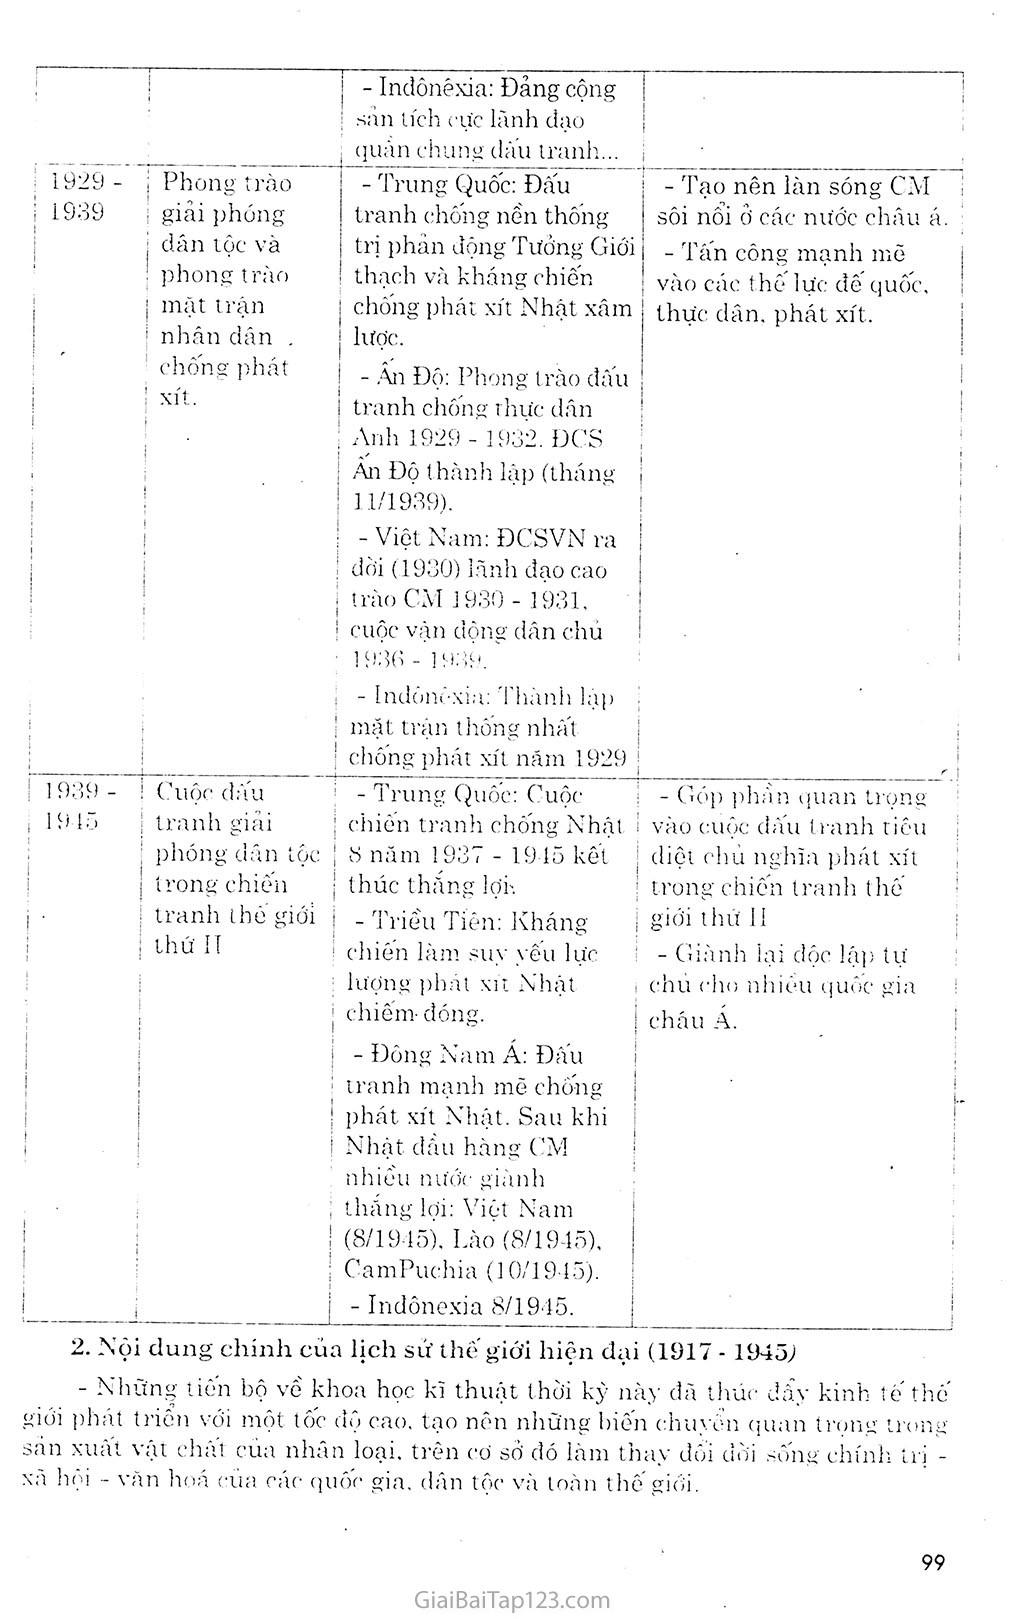 Bài 18: Ôn tập lịch sử thế giới hiện đại (phần từ năm 1917 đến năm 1945) trang 5